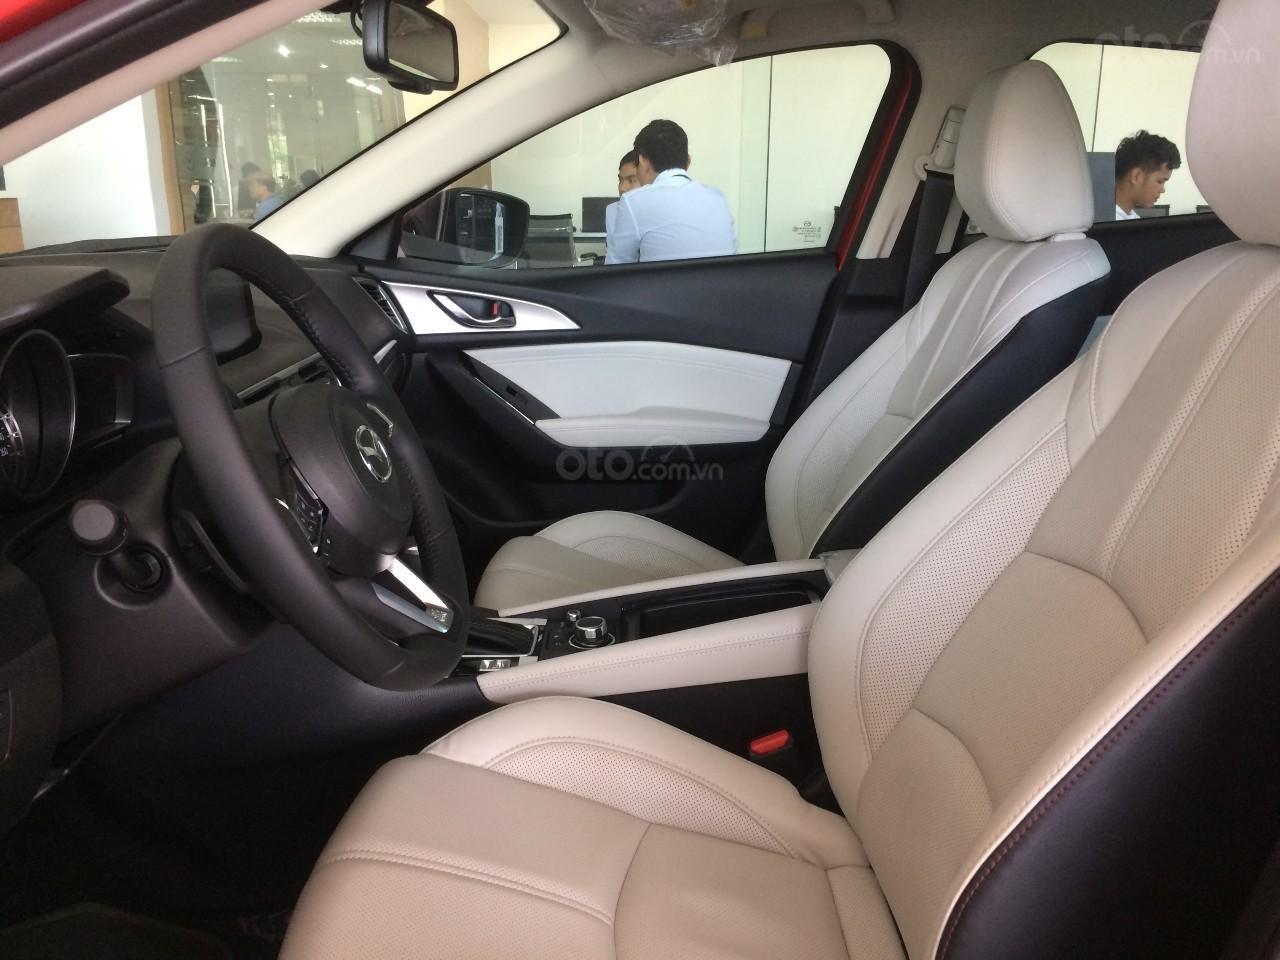 Bán Mazda 3 giảm sâu nhất xả kho ưu đãi>70tr, BHVC, tặng full phụ kiện, LS 0.58%, đăng kí xe miễn phí, LH 0964860634 (2)